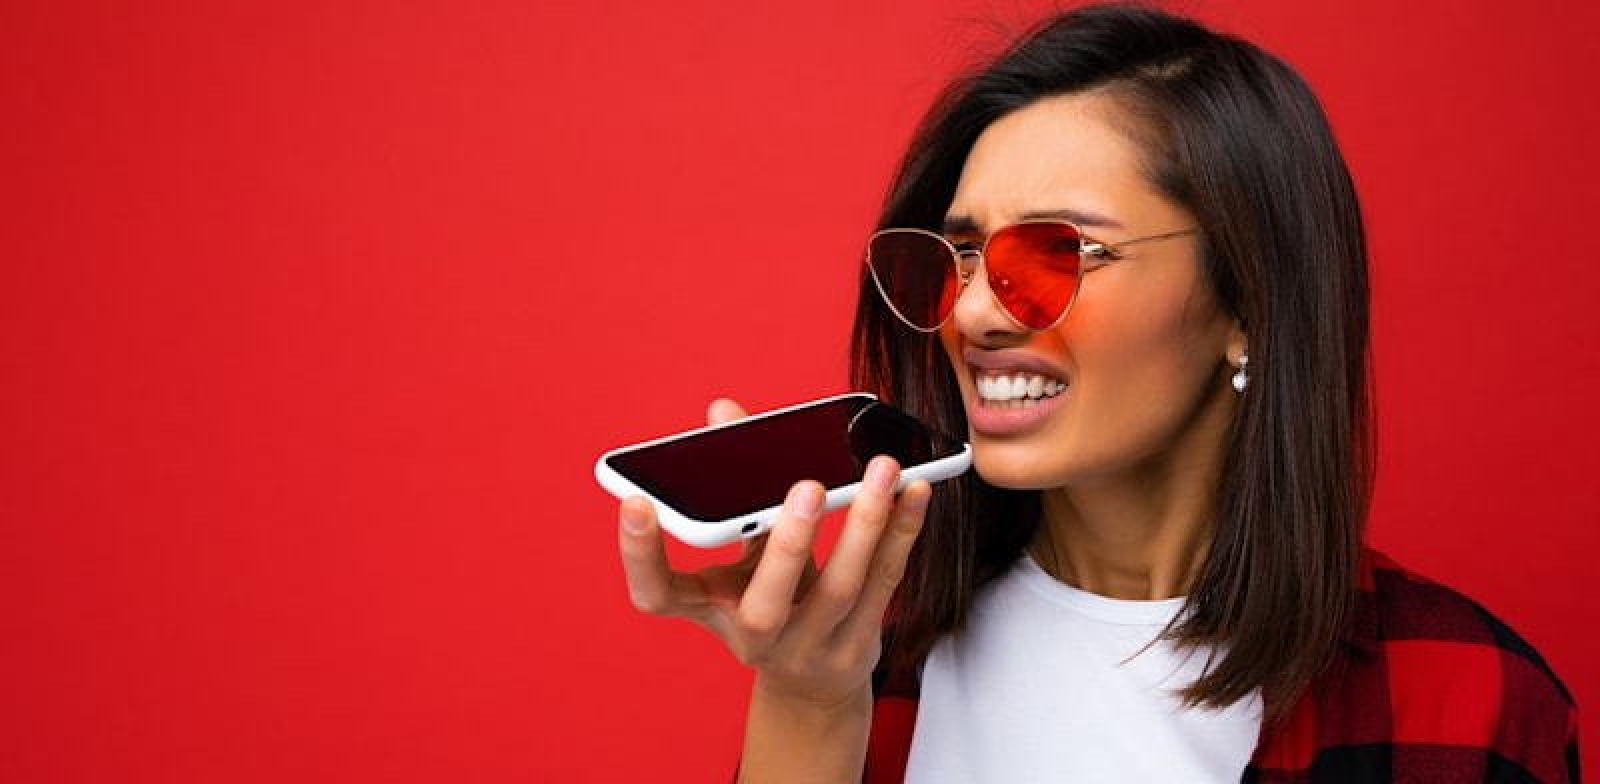 מתי מותר לכם להקליט שיחה, ומה הסיכונים? / צילום: Shutterstock